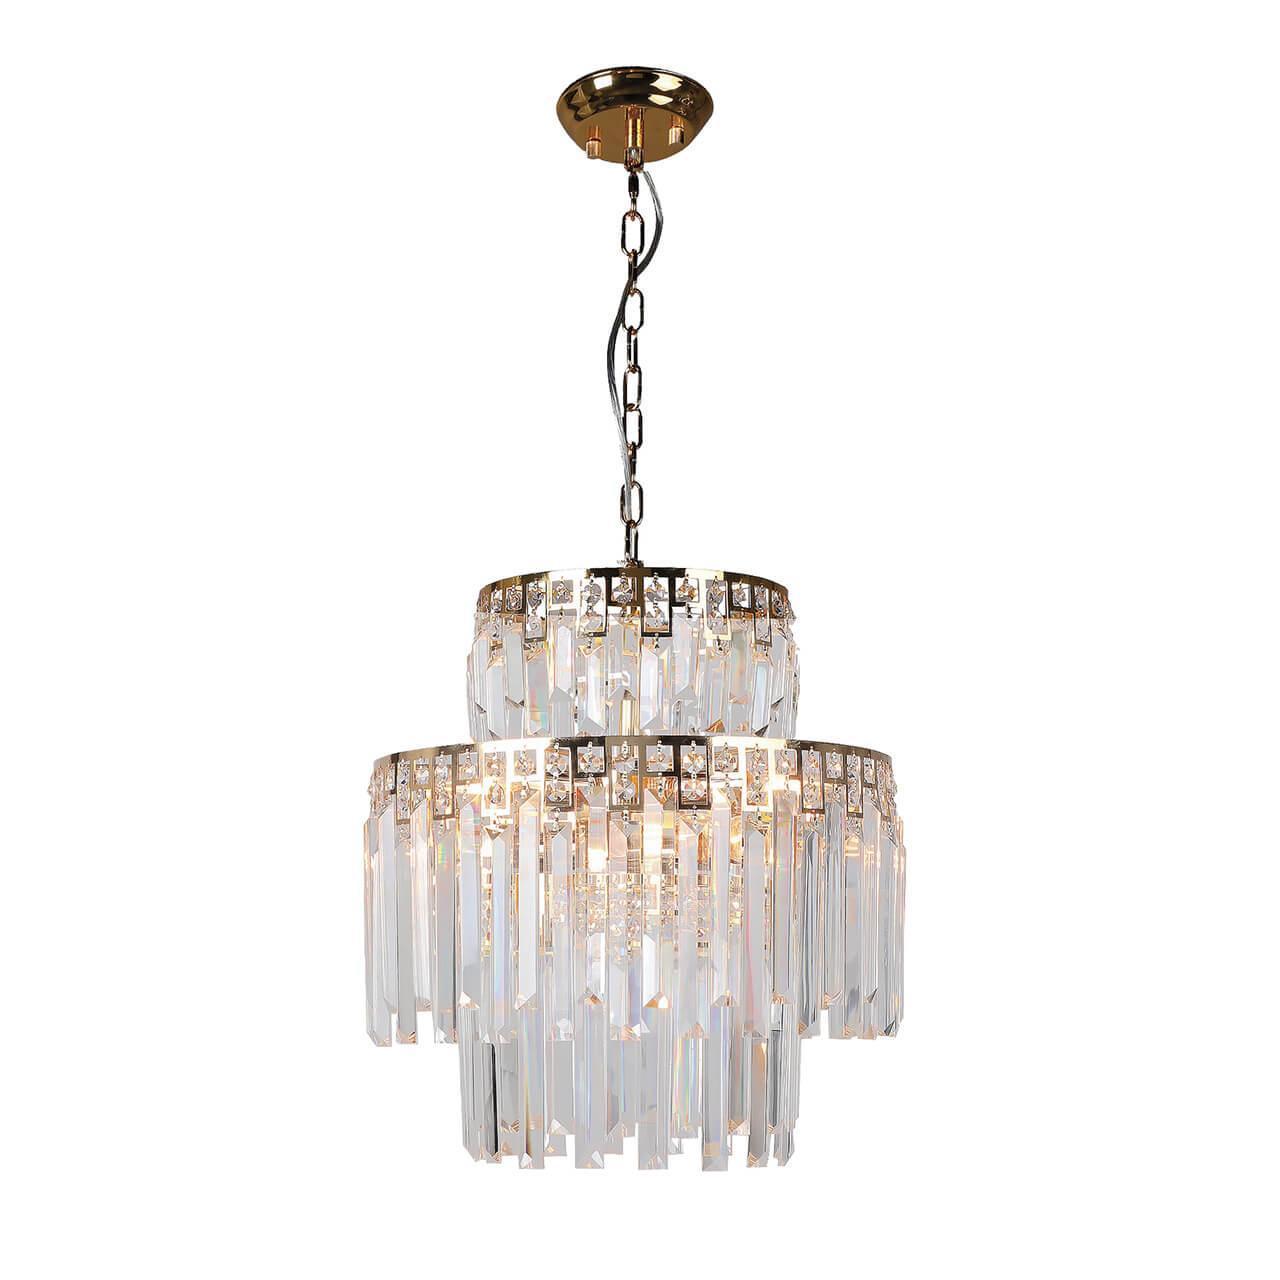 Подвесной светильник Favourite 1971-6U, E14, 40 Вт люстра favourite потолочная 1699 6u